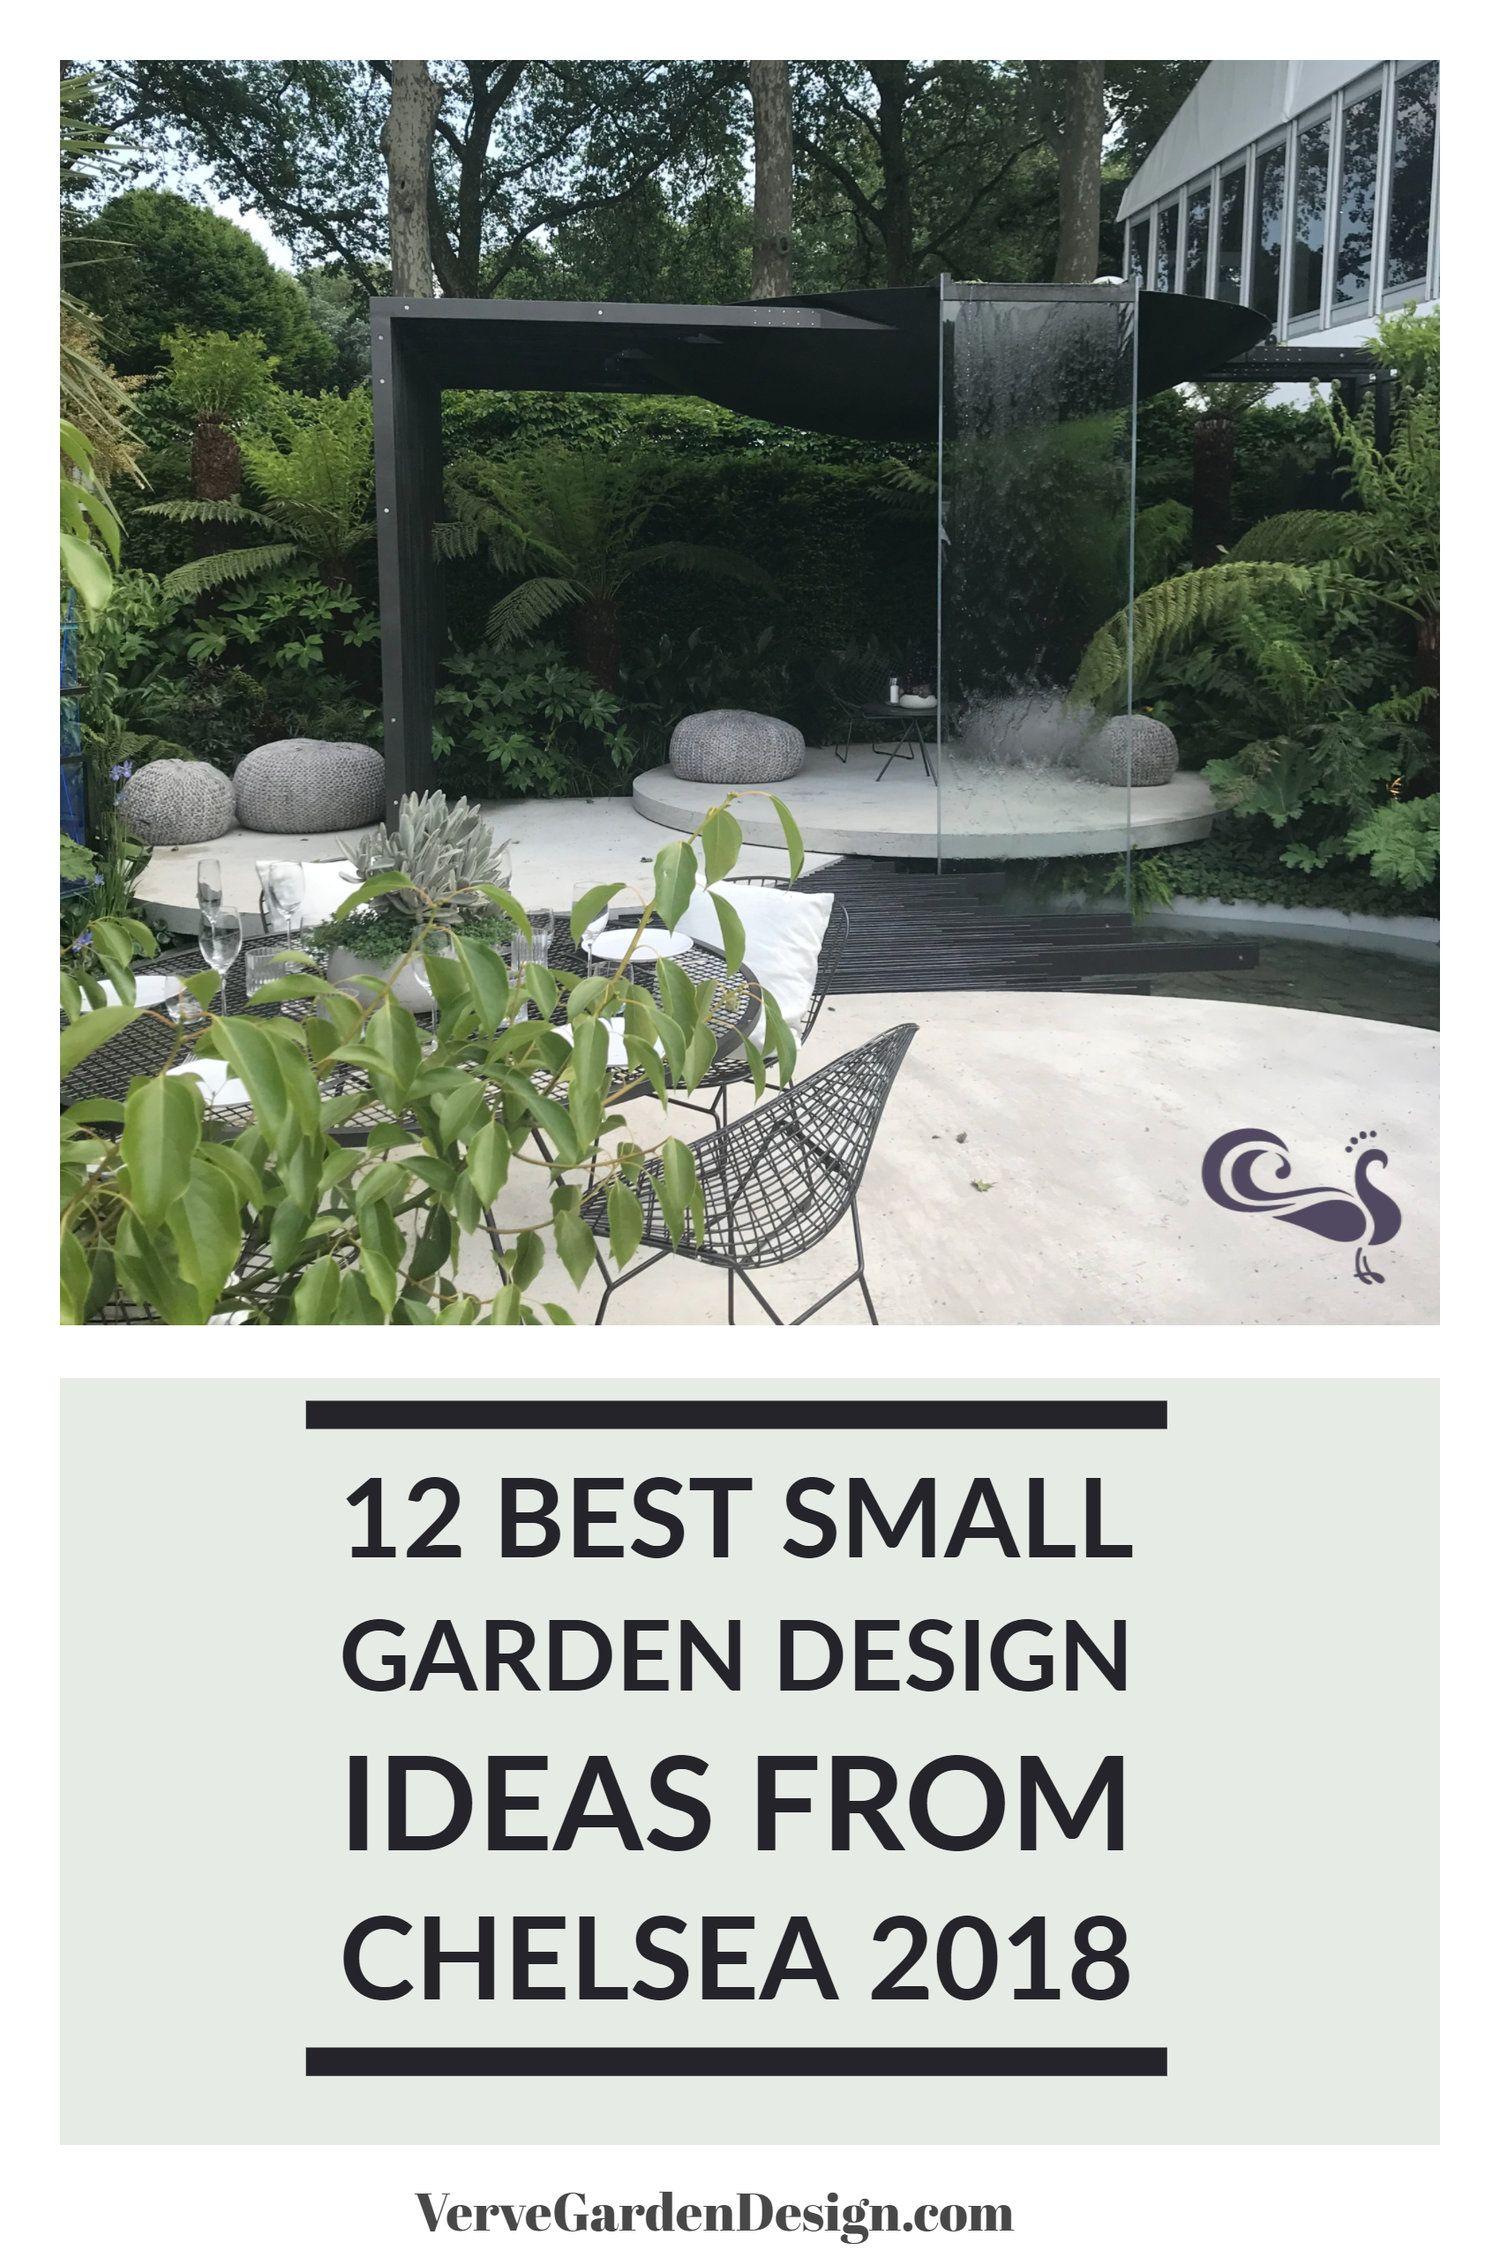 12 Small Garden Design Ideas to Take Away From Chelsea 2018 — Verve Garden Design